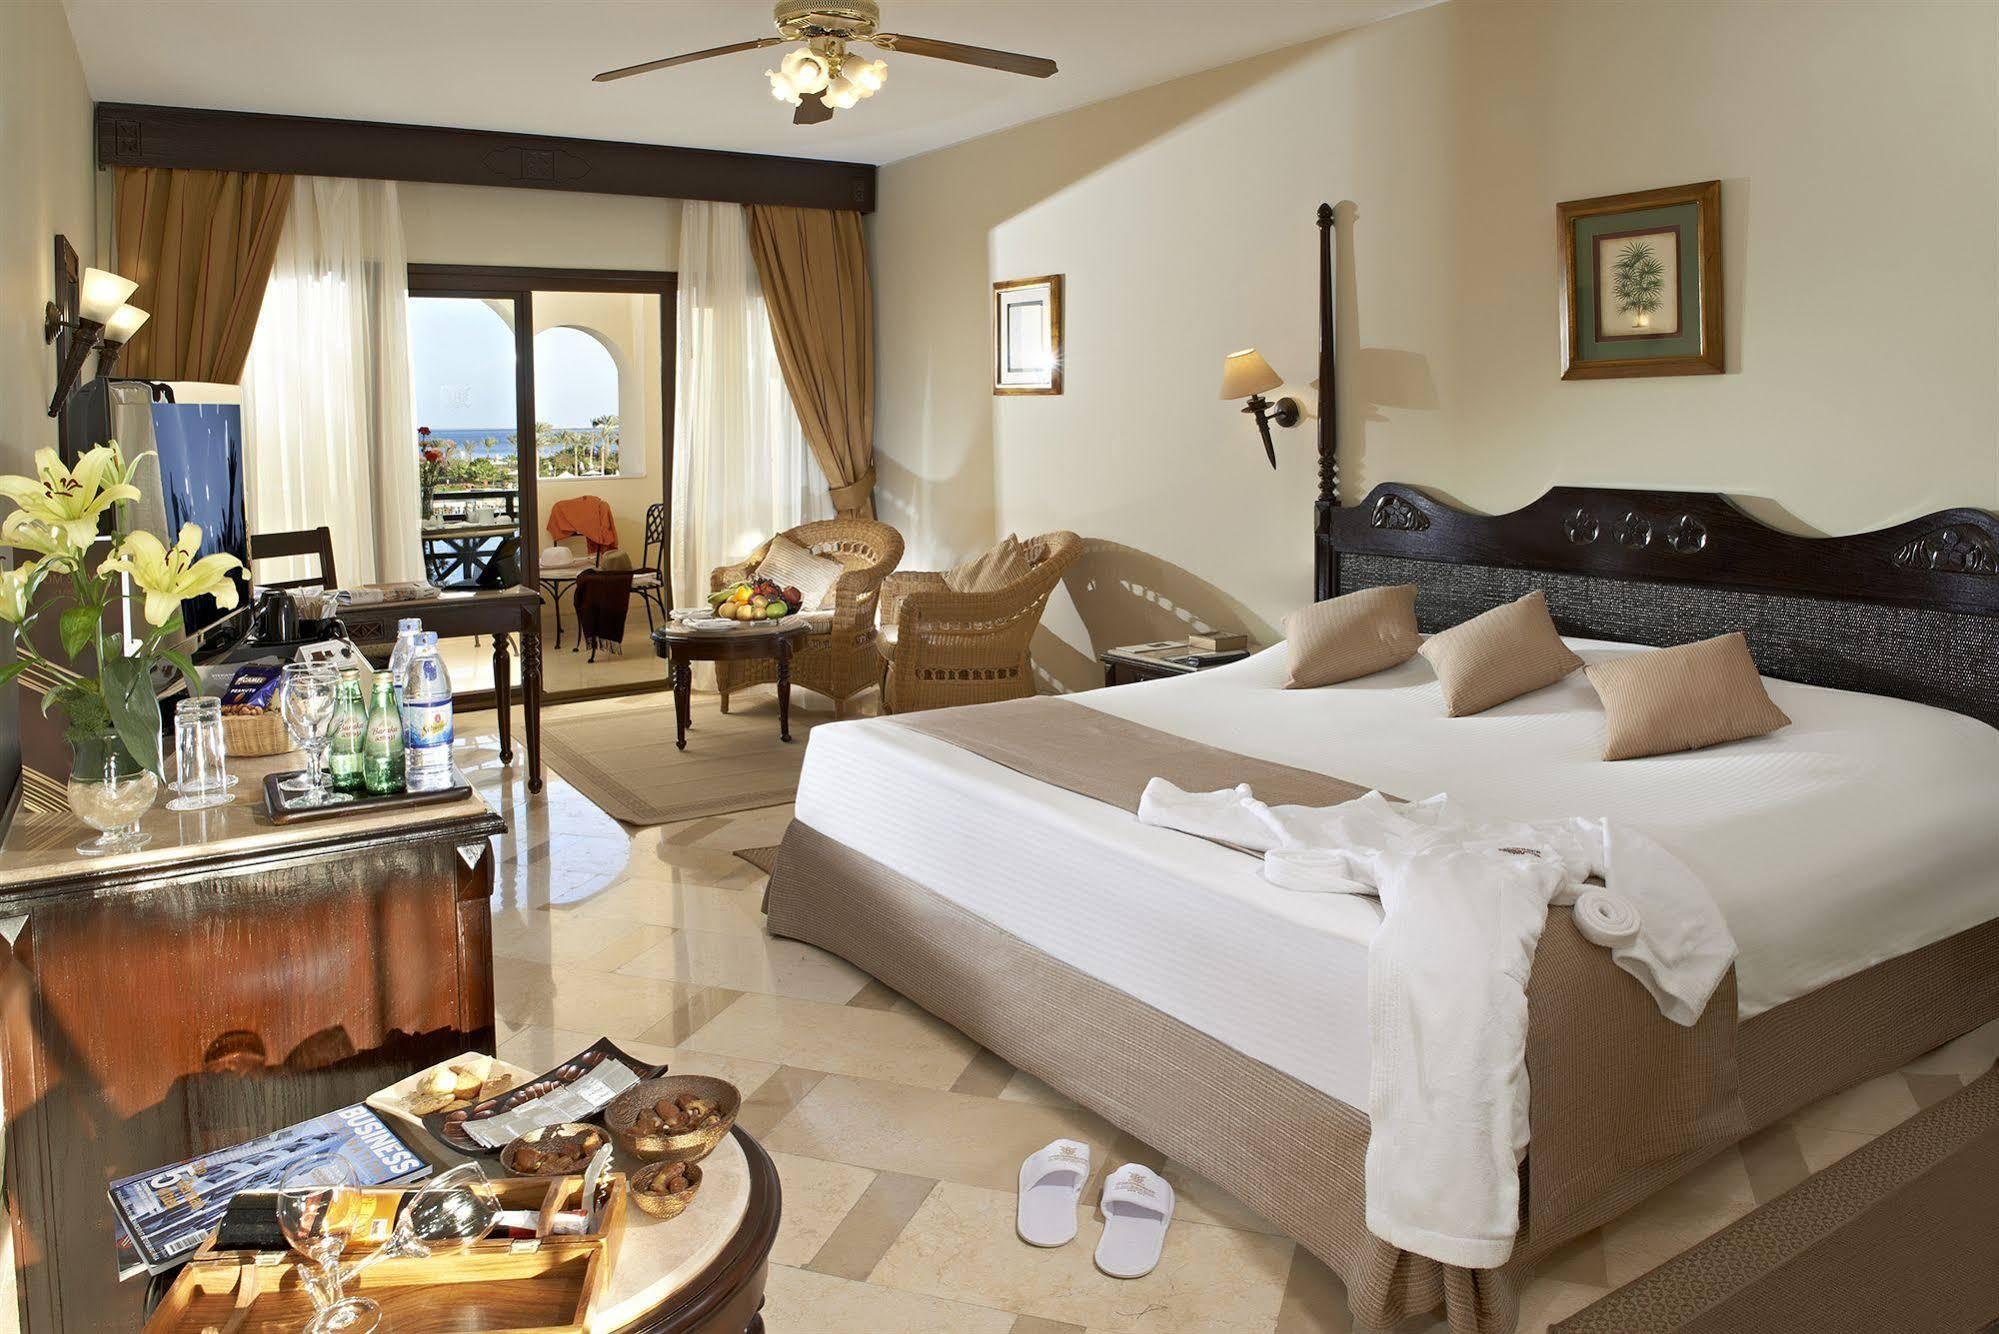 Steigenberger Aldau Beach Hotel, Hurghada Image 4